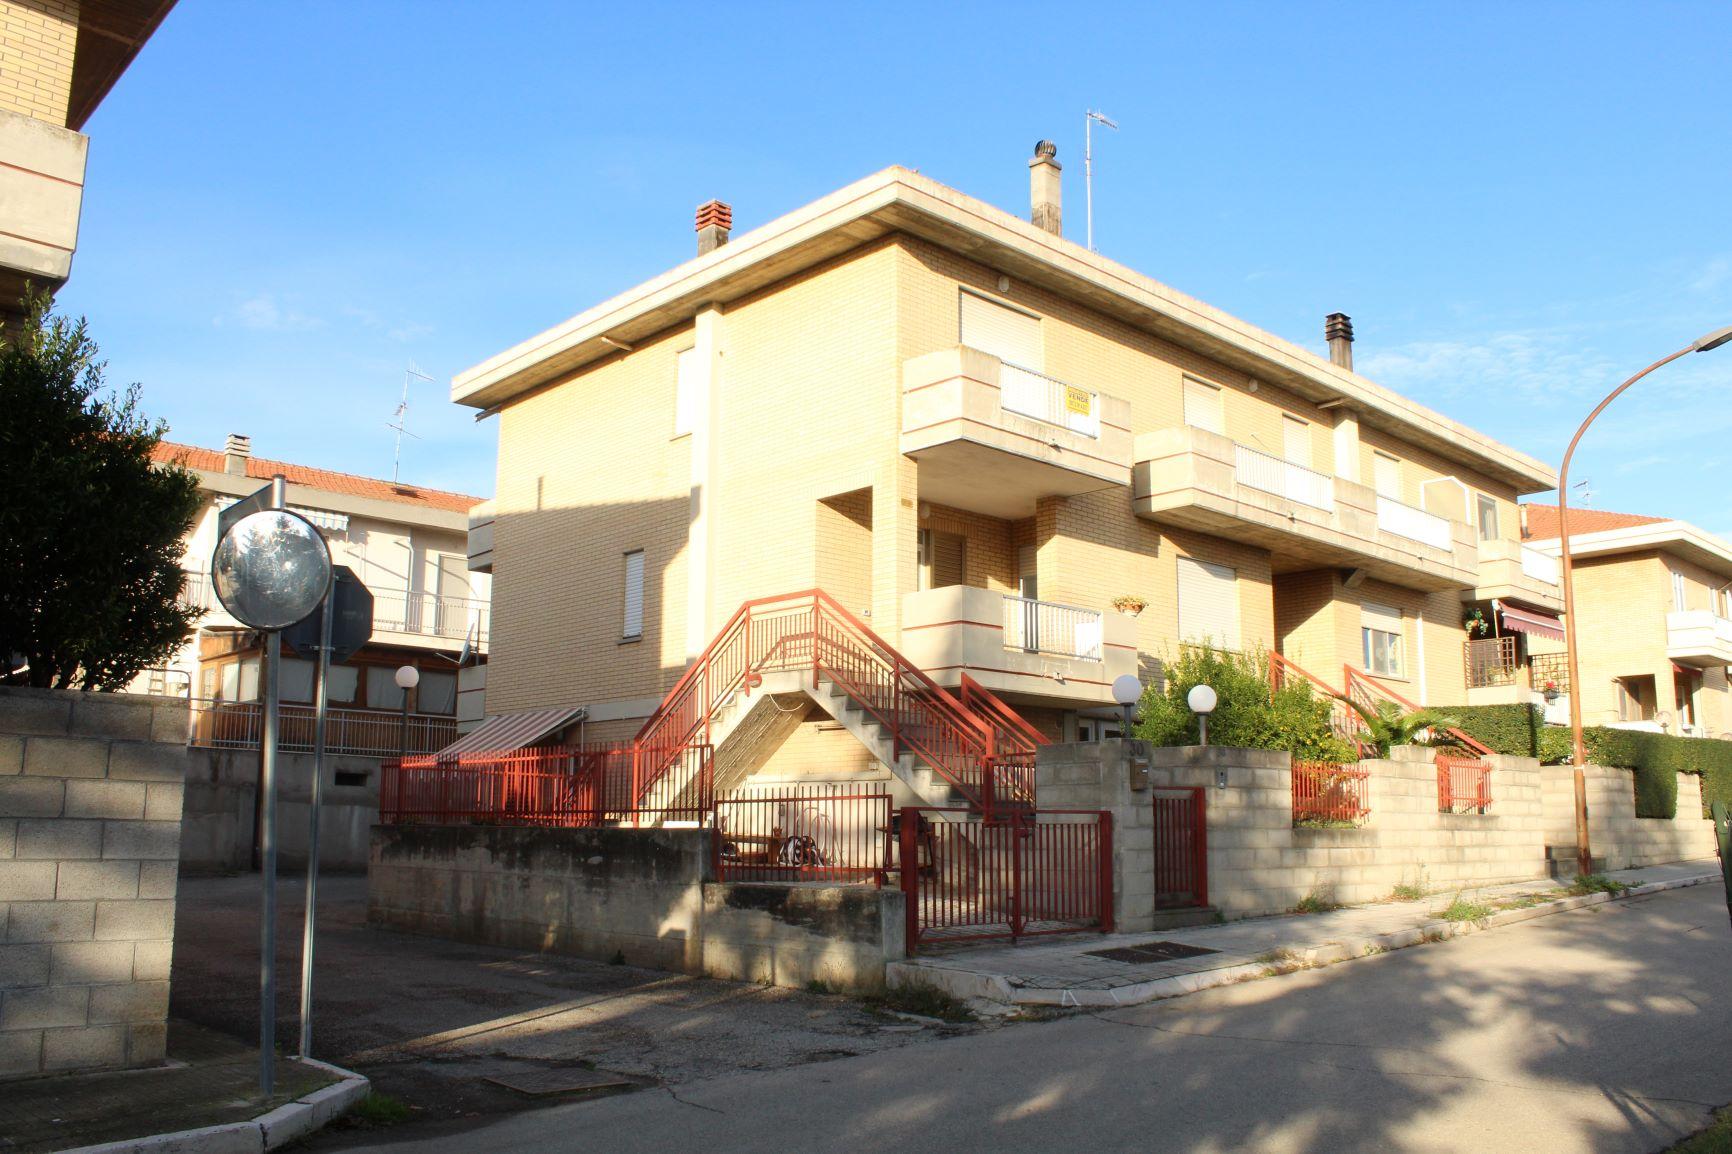 rif 1142 Casalbordino (CH) – Appartamento con tre camere da letto –